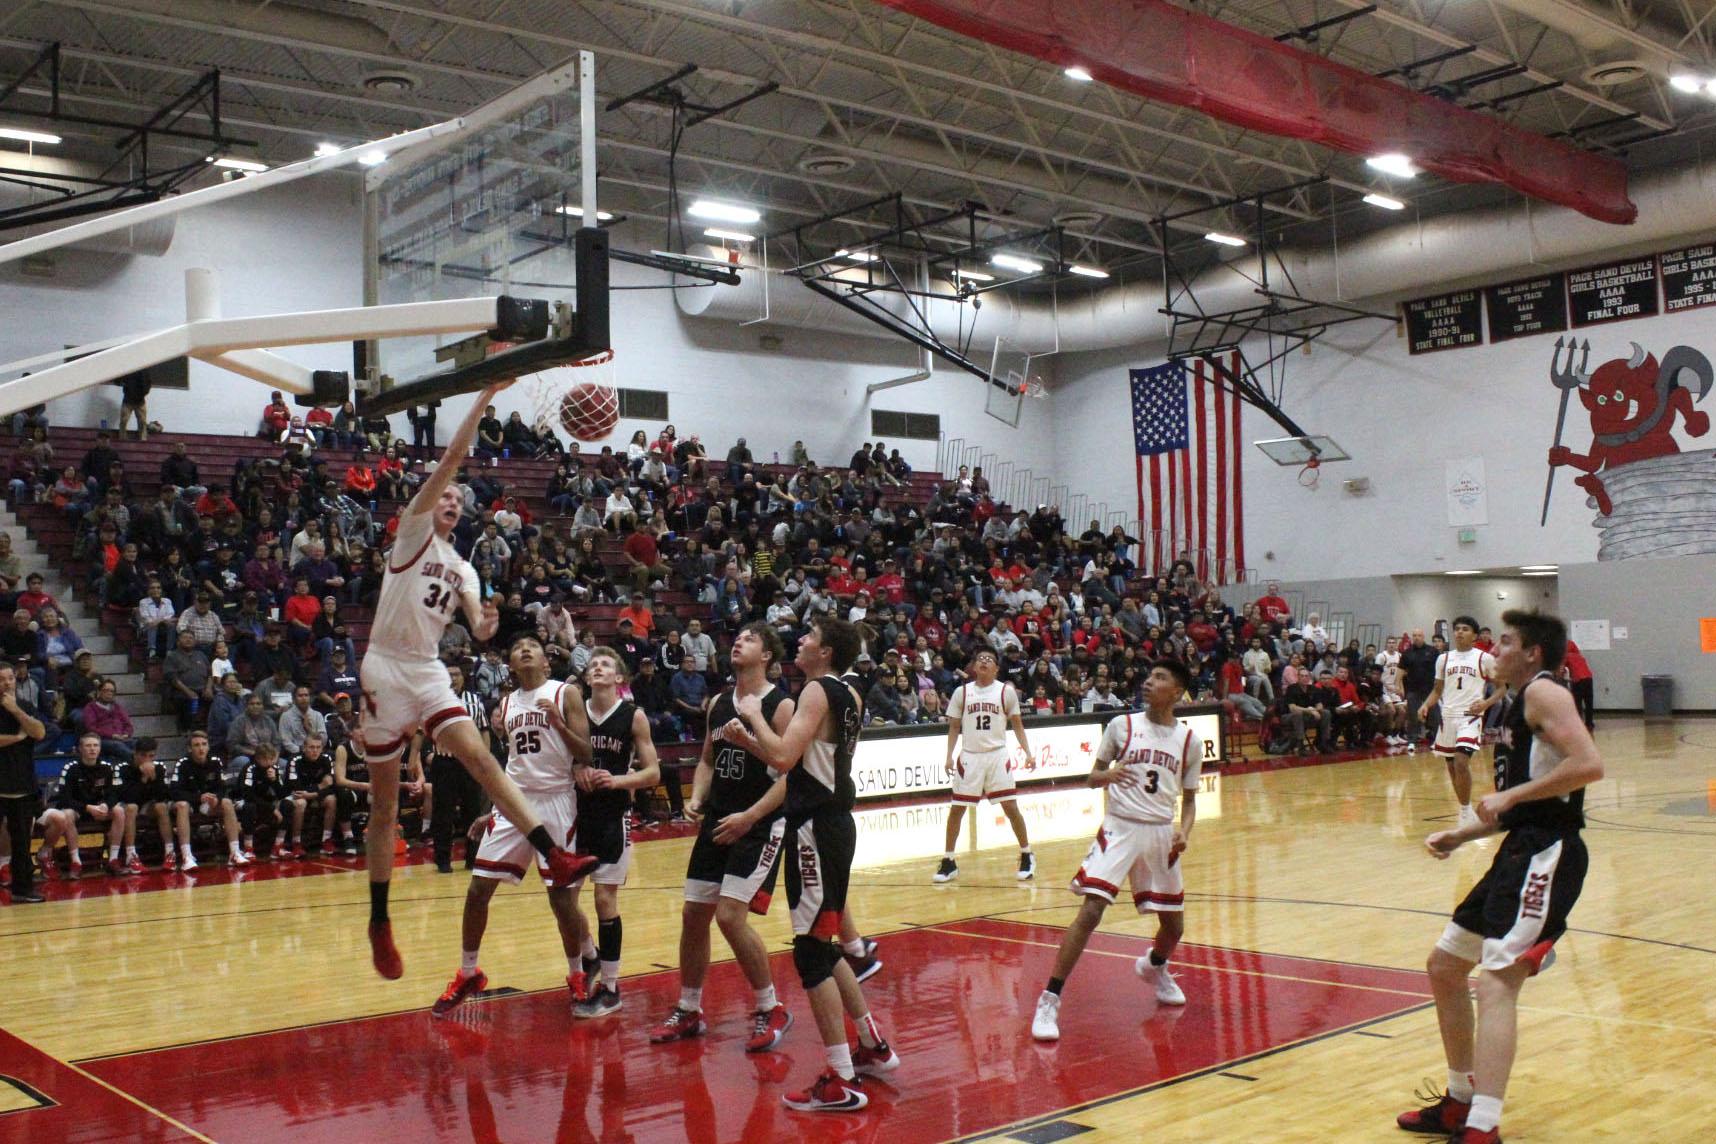 Stu dunks basketball